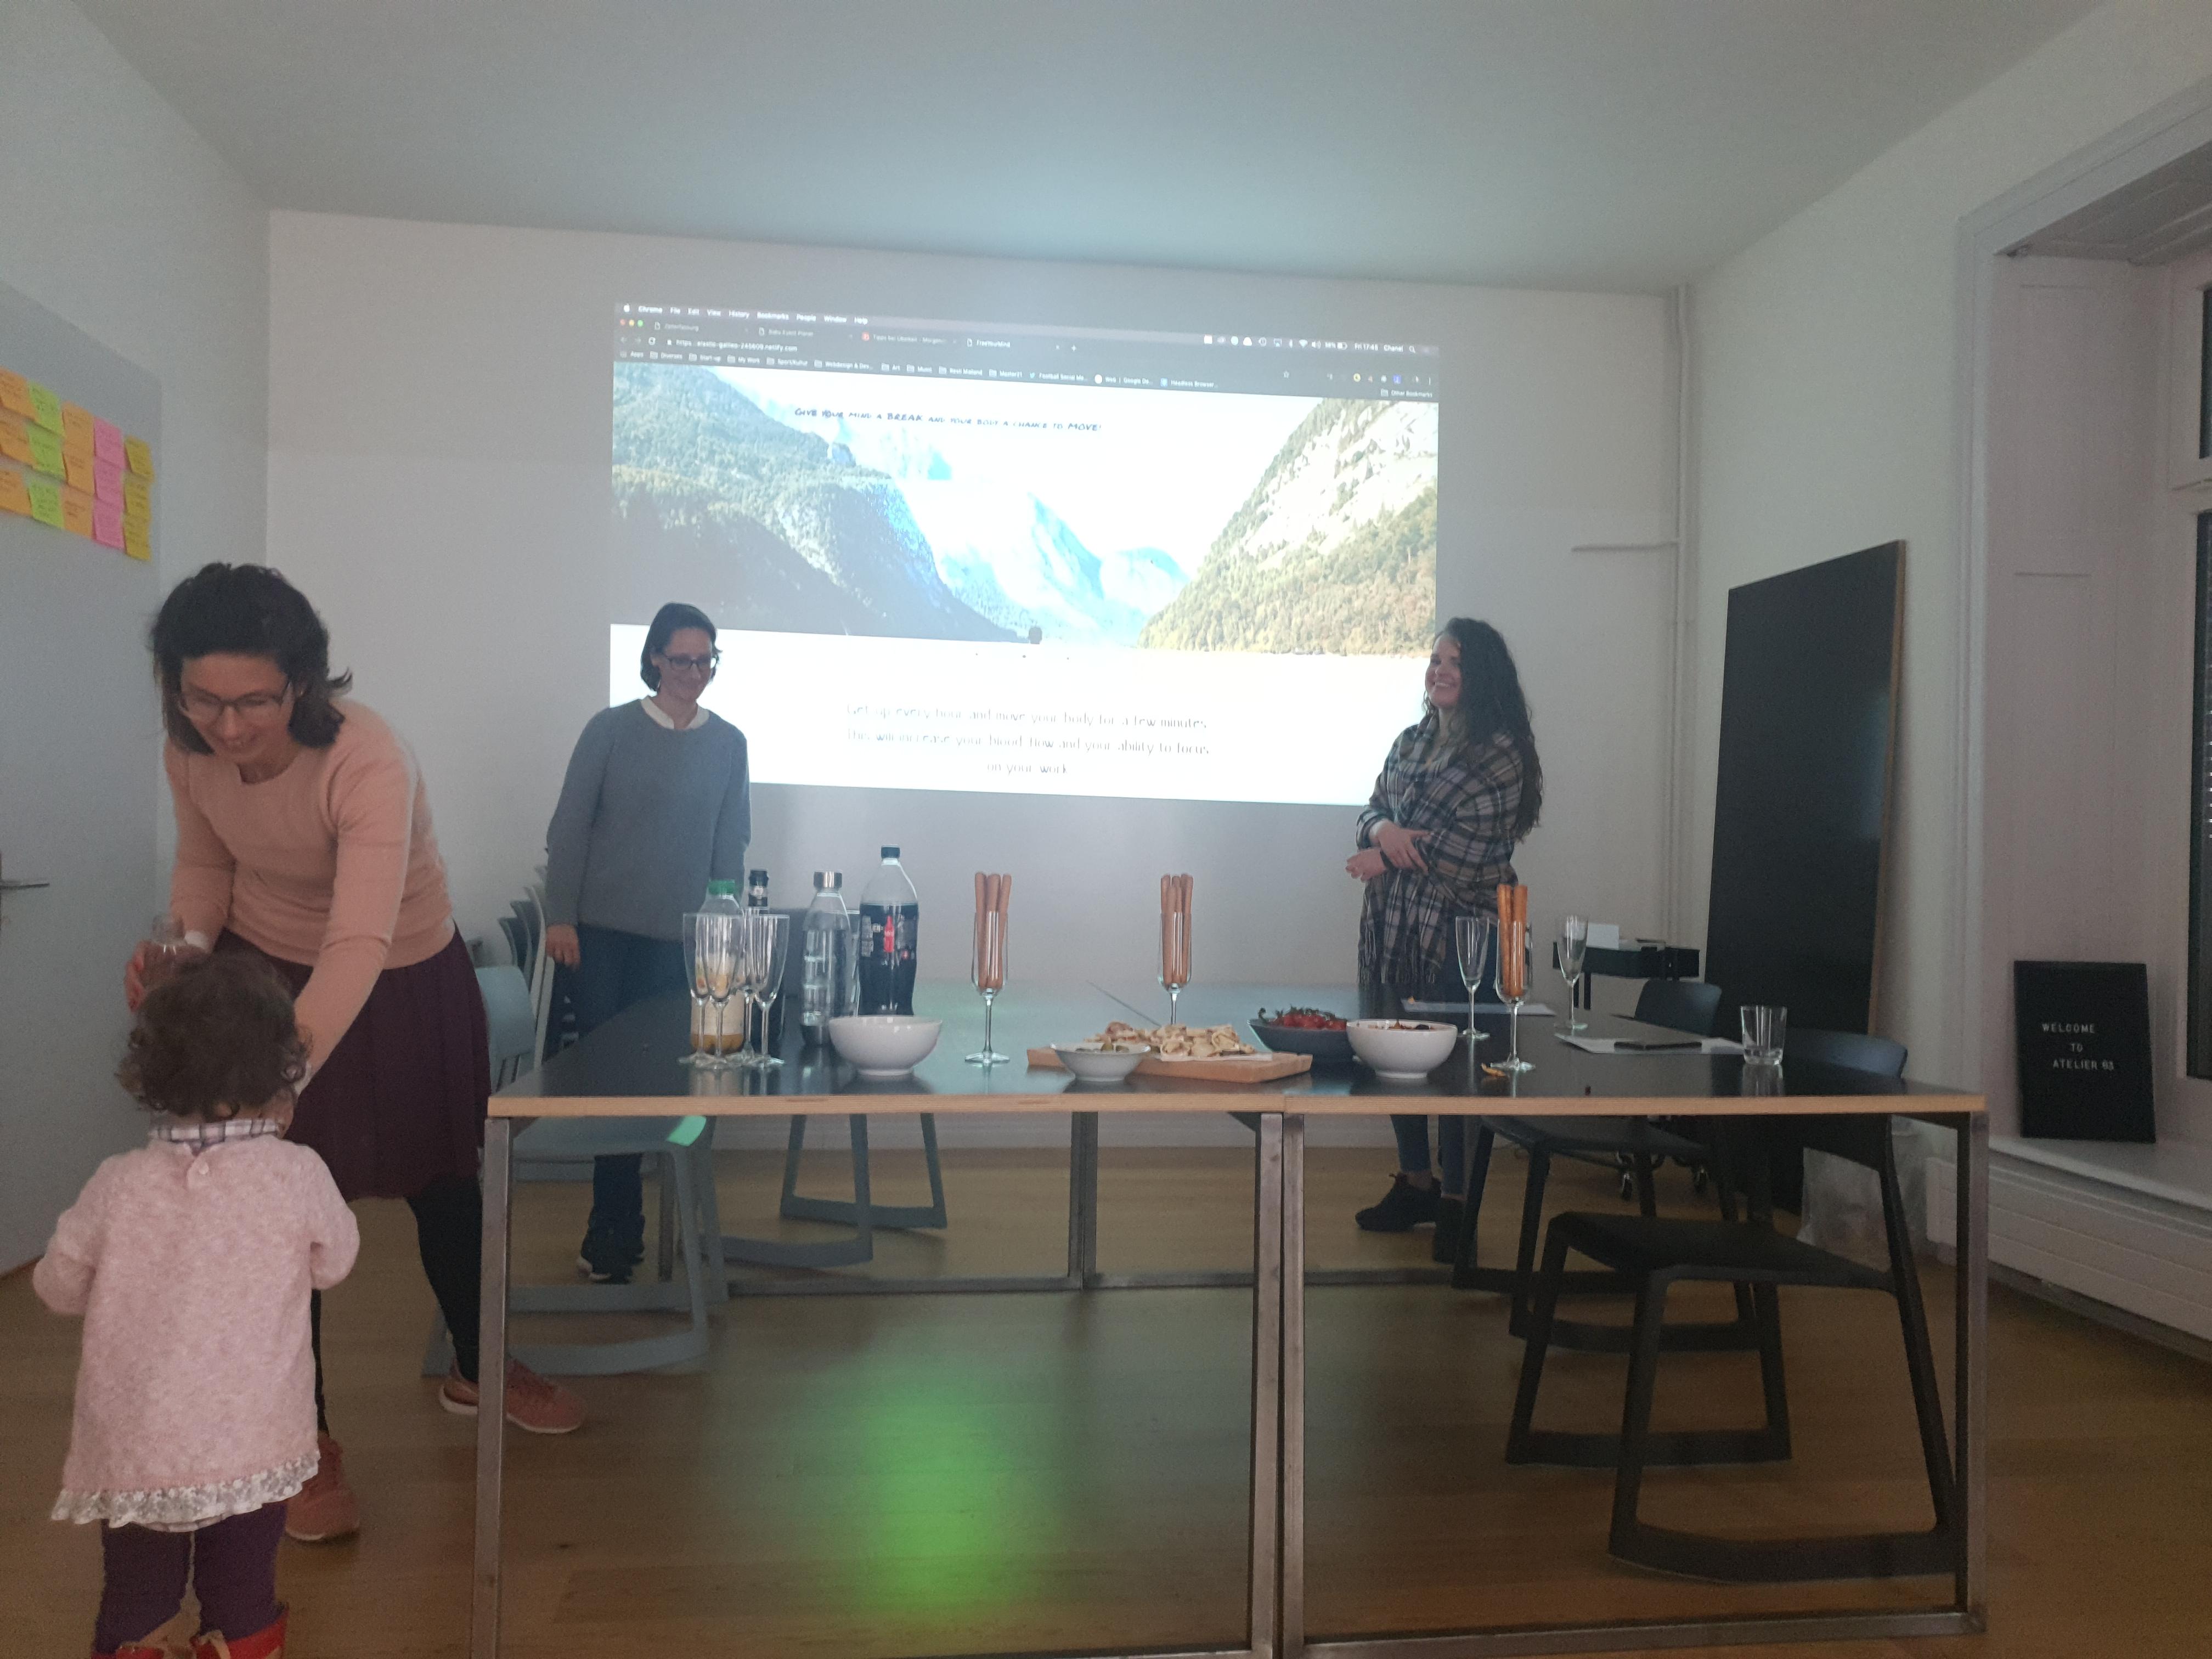 Delia und Tanja präsentieren ihre Web App